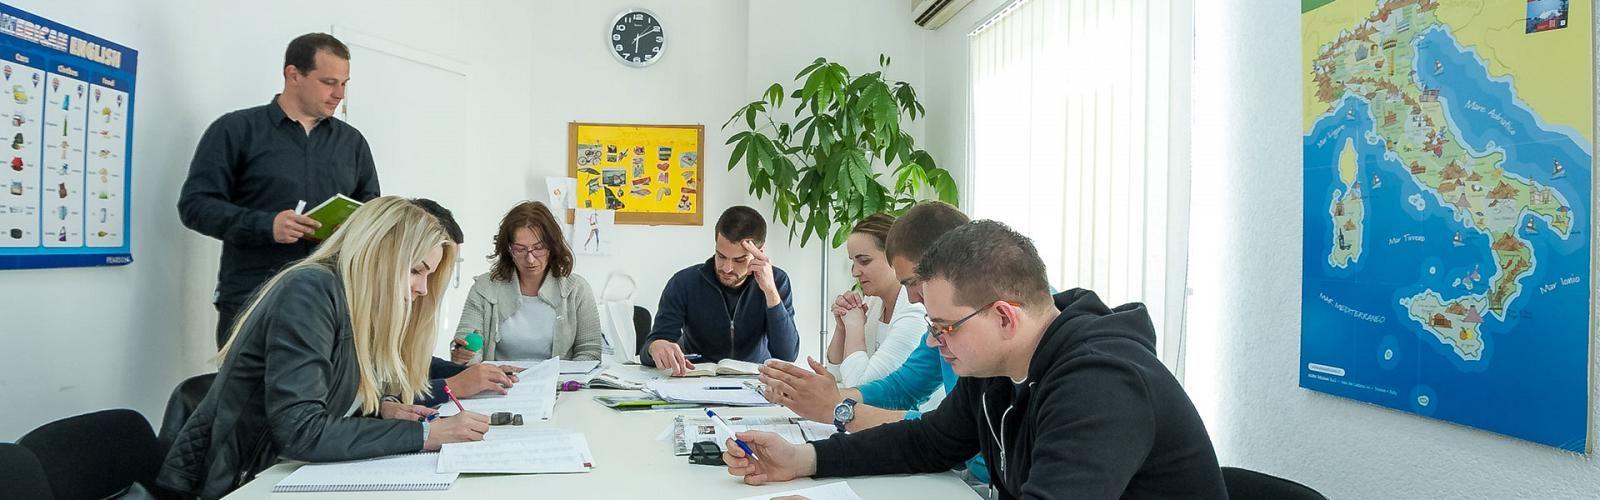 Škola stranih jezika Calimero - Zadar